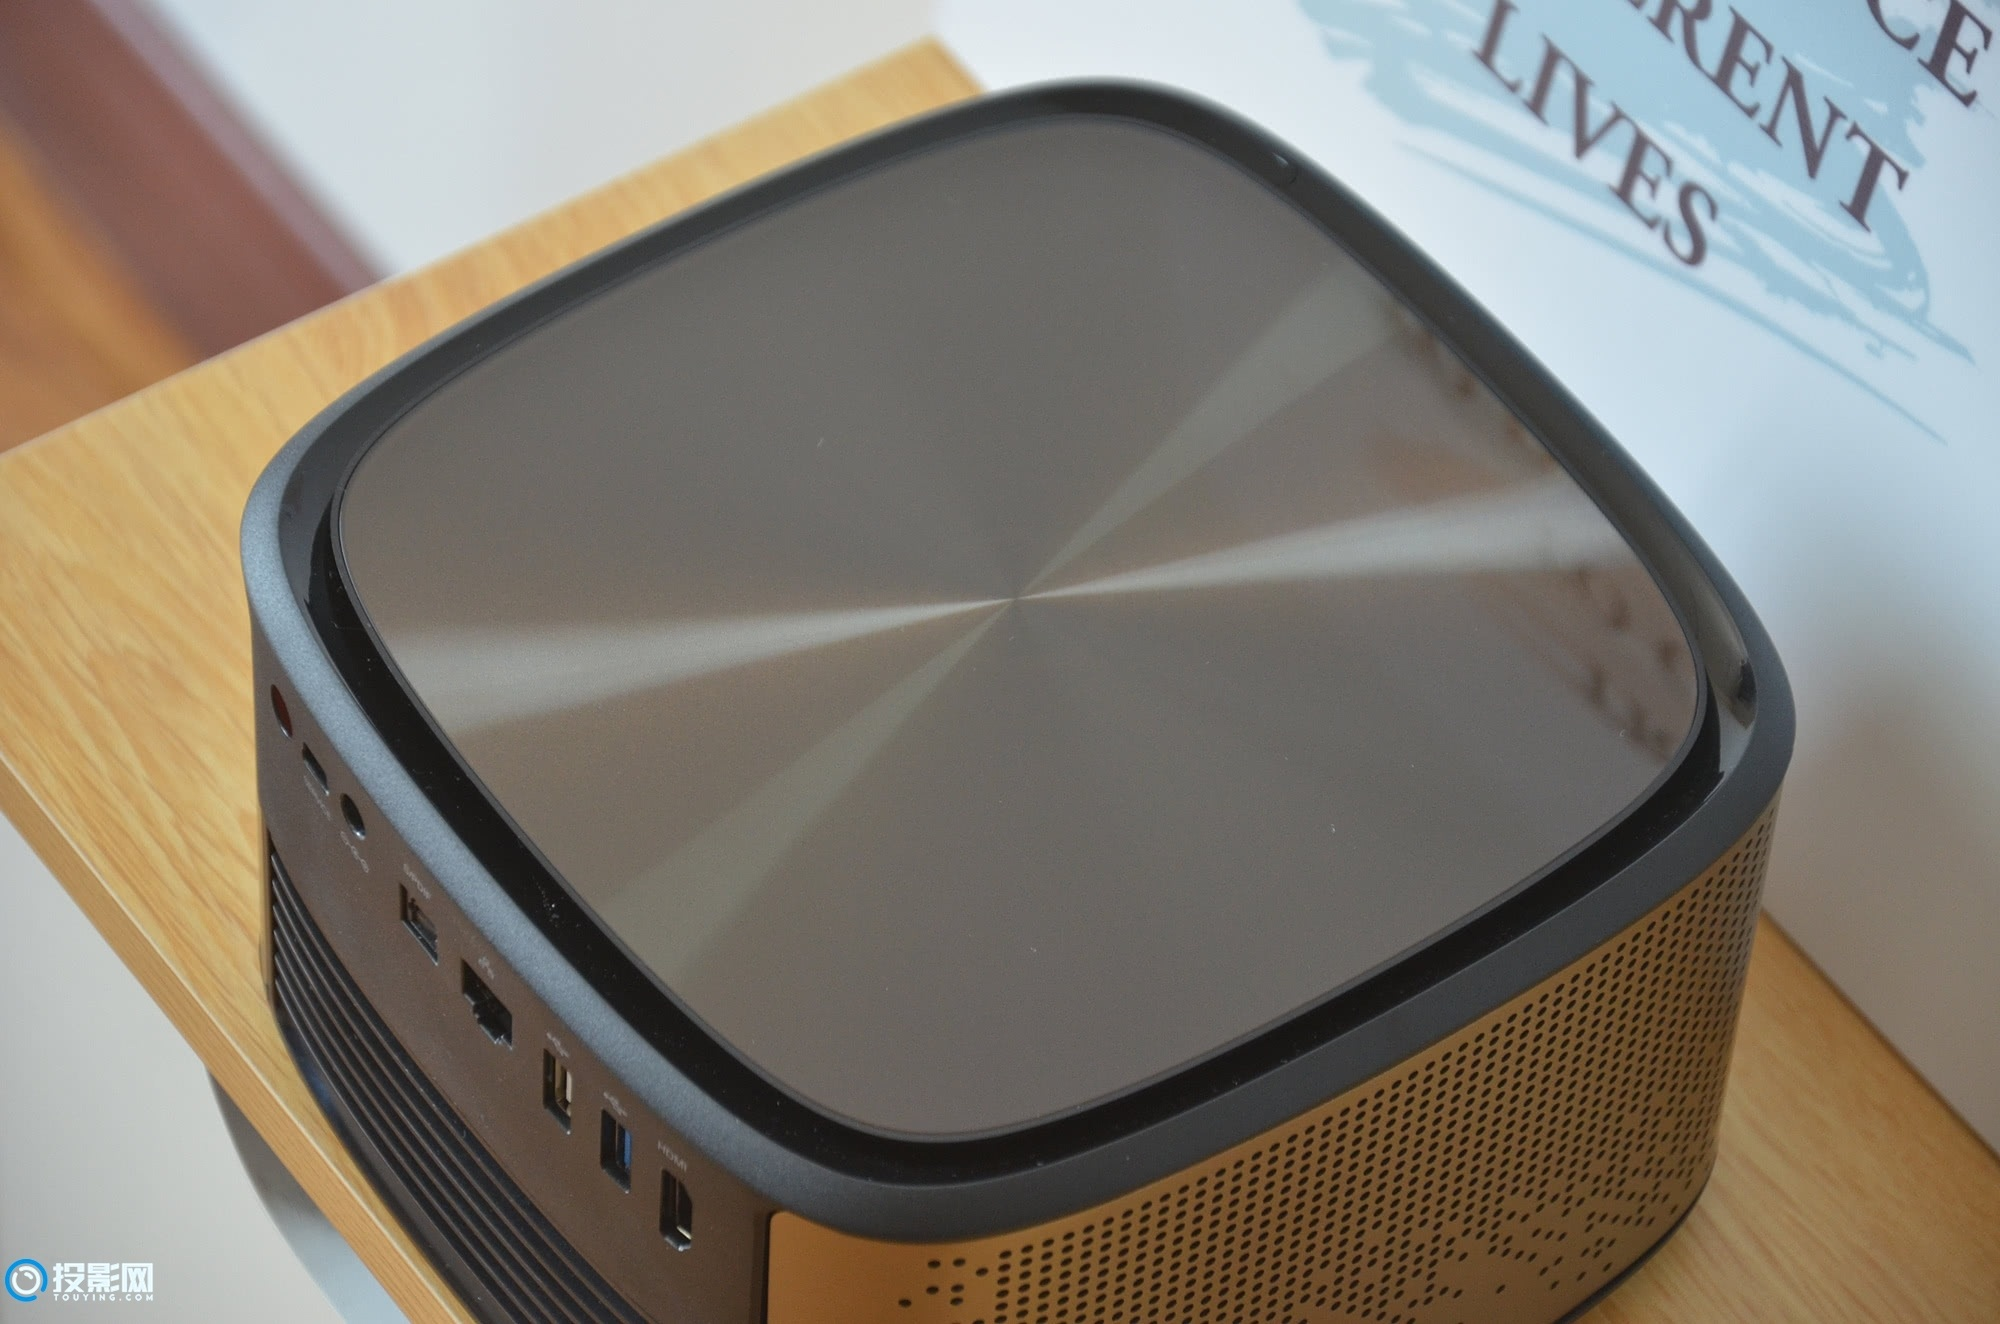 旗舰投影新选择 坚果新品V9智能投影仪评测